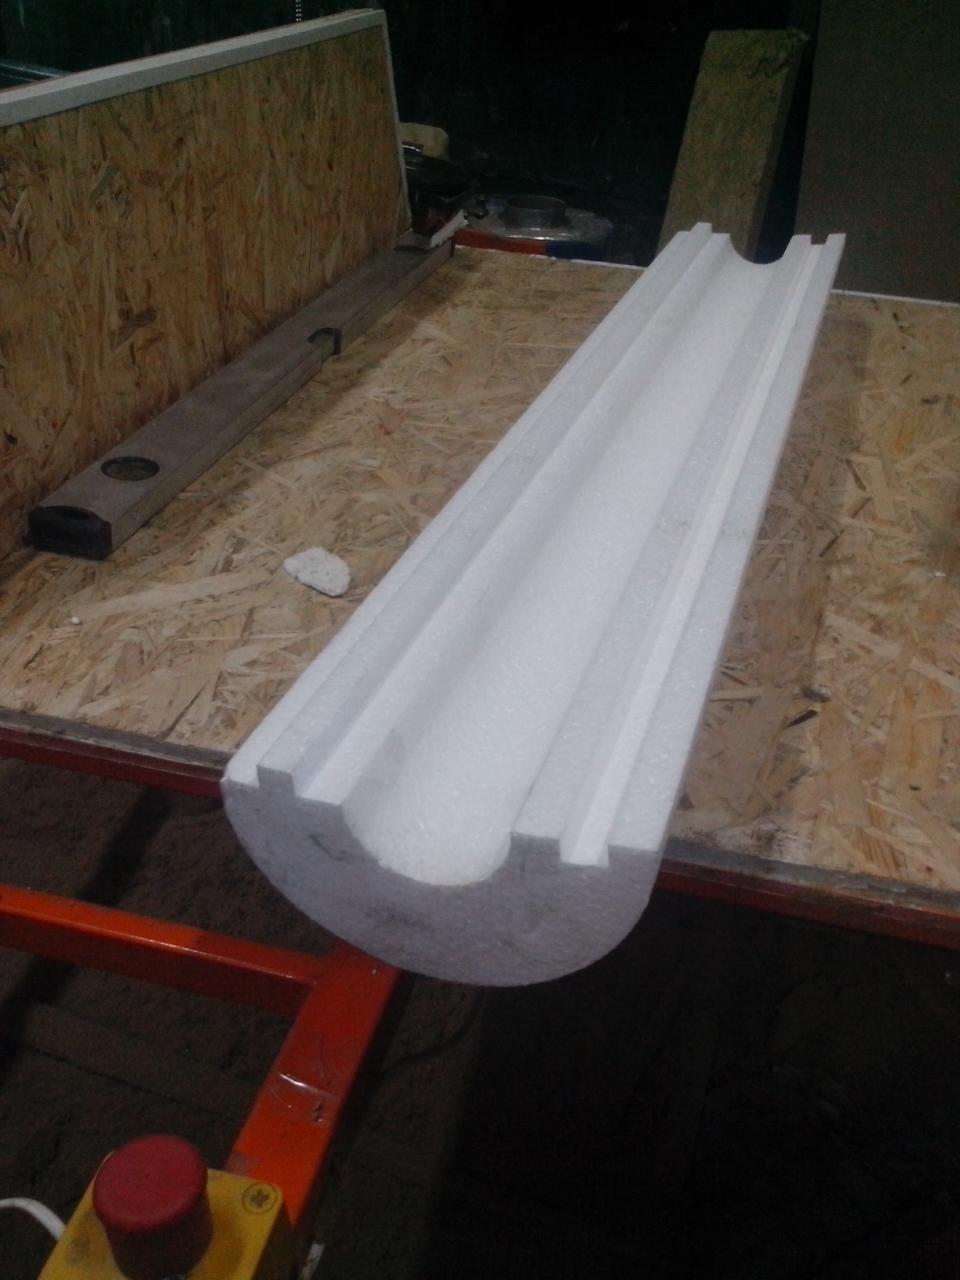 Утеплитель из пенопласта (пенополистирола) для труб Ø 146 мм толщиной 90 мм